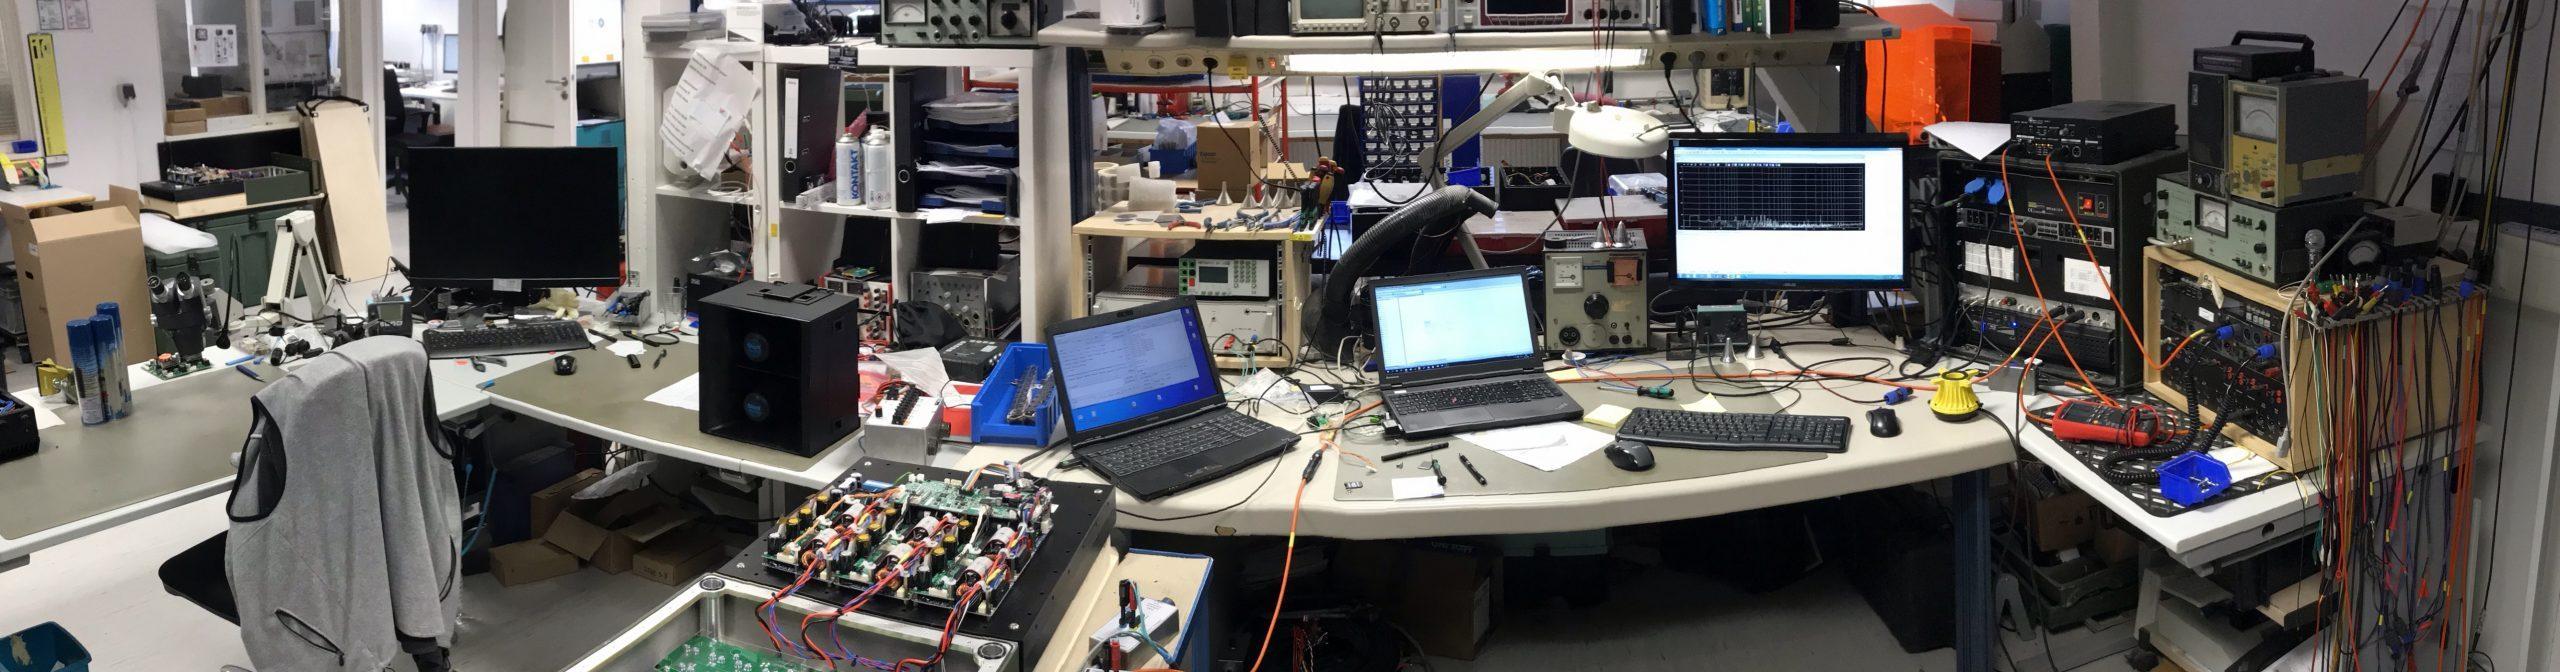 Lautsprecher Entwicklungslabor PASS Medientechnik